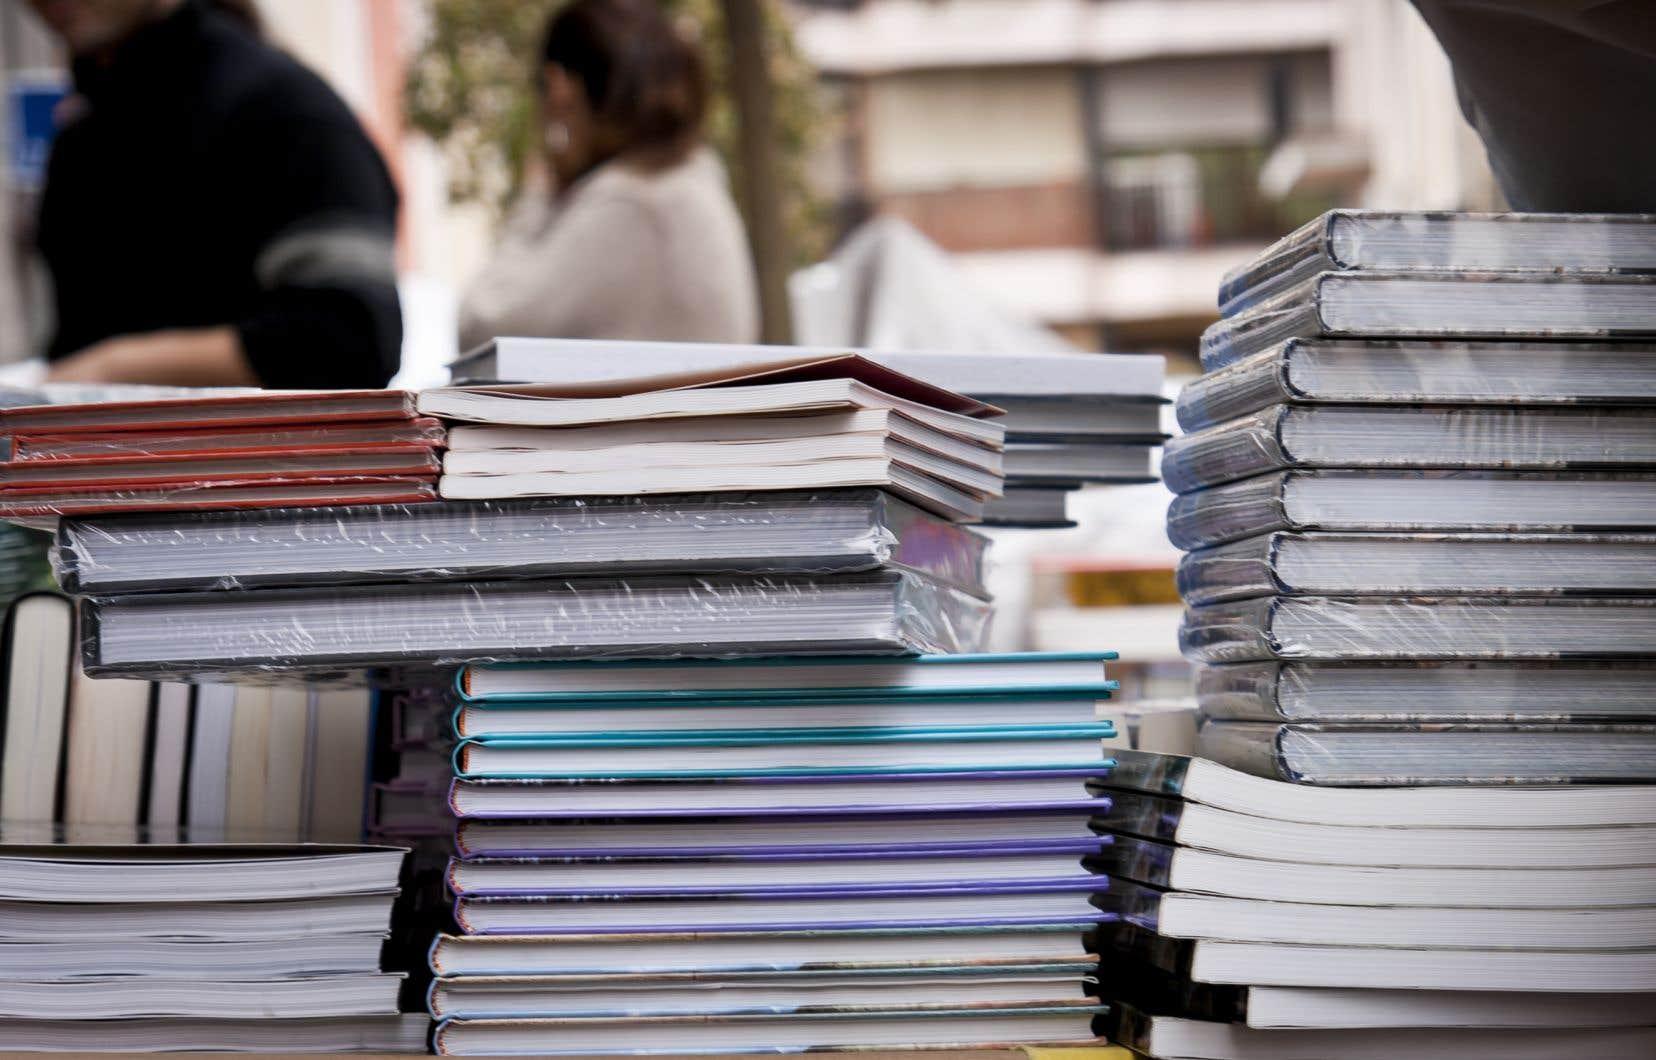 Pour l'Union des écrivaines et des écrivains québécois (UNEQ) — qui compte plus de 1600 membres —, la situation est inacceptable